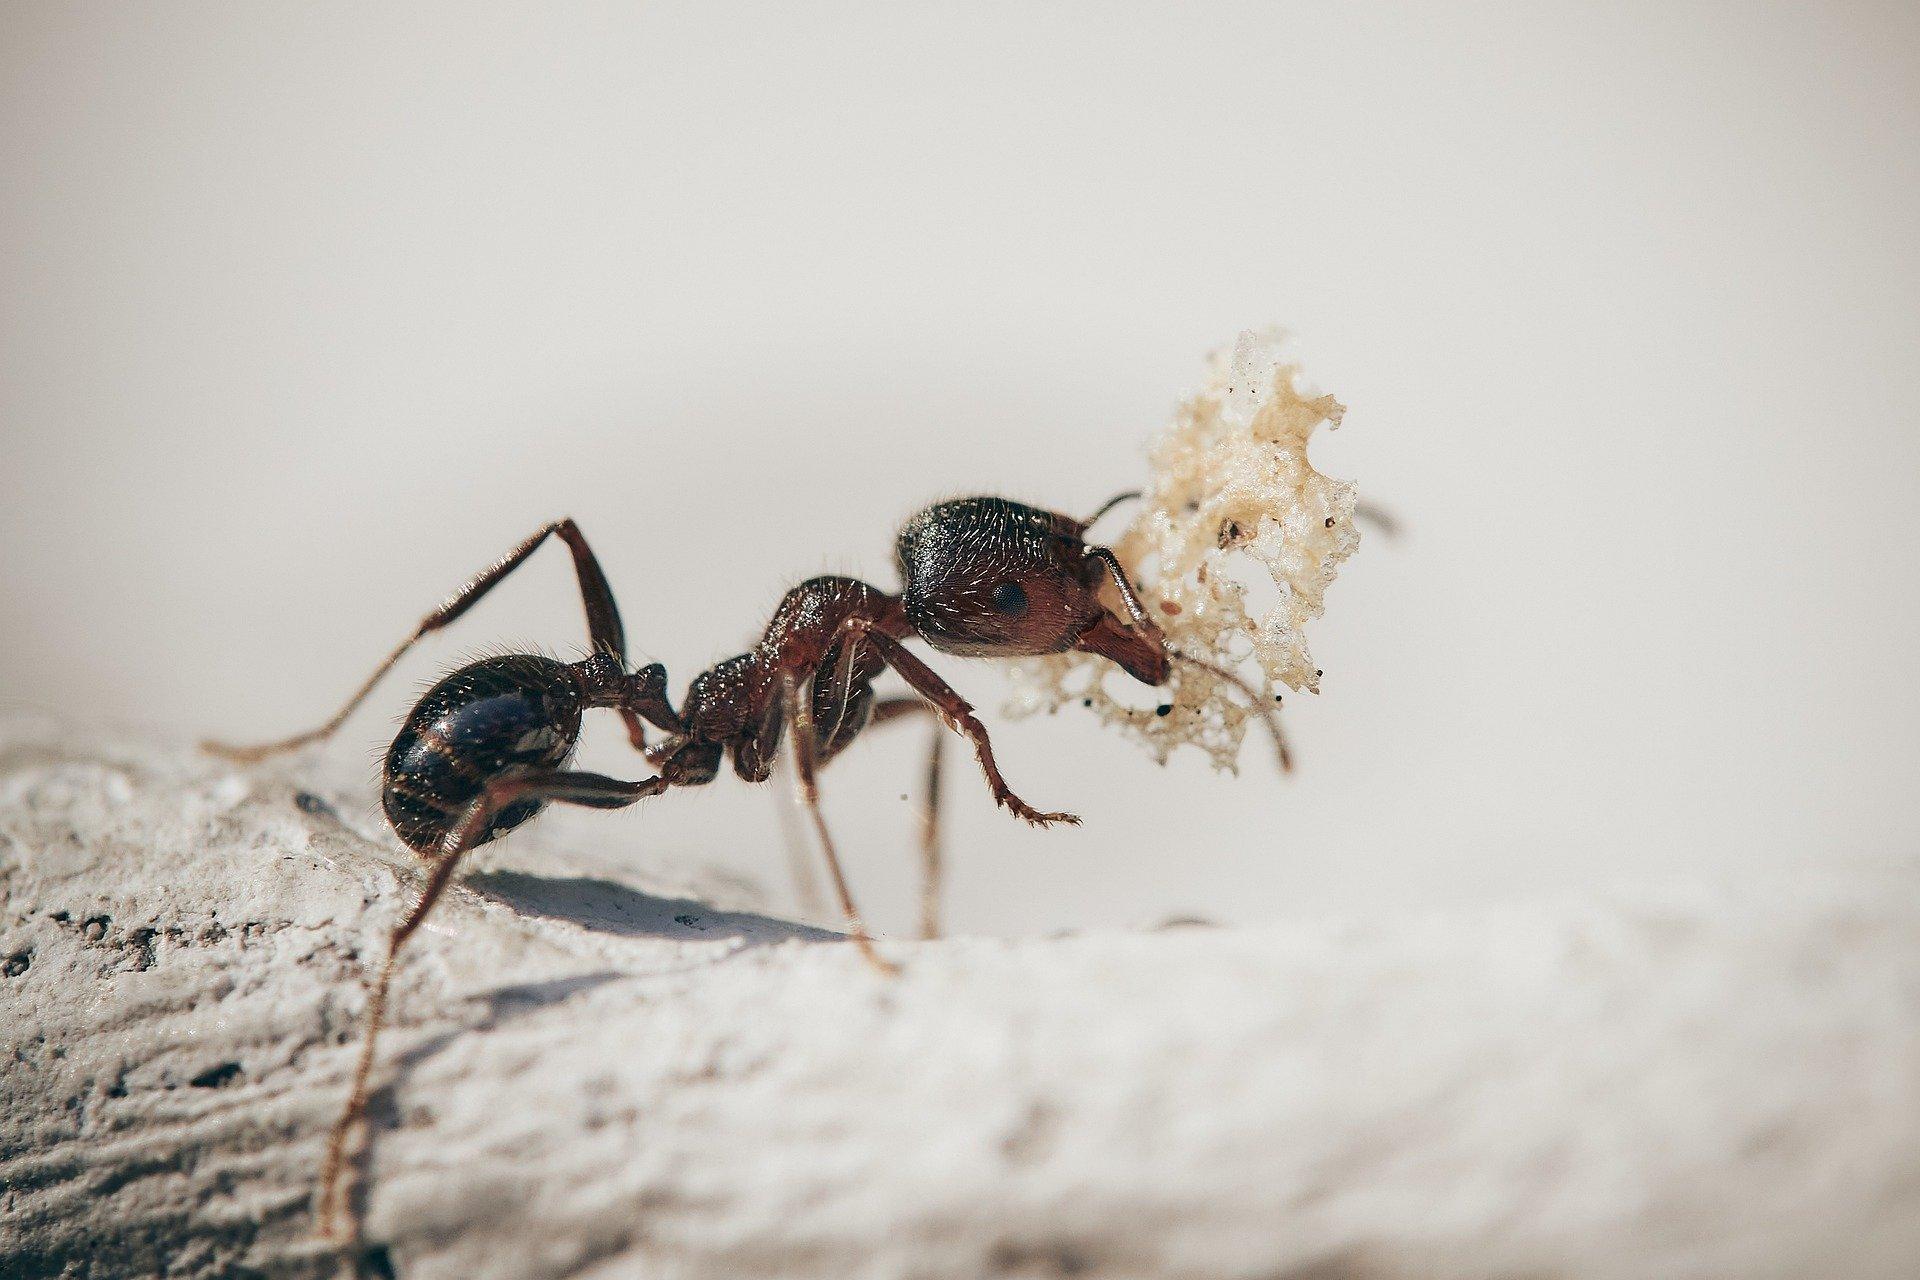 Alarmierende Langzeitwirkungen von Insektengiften auf Ameisen